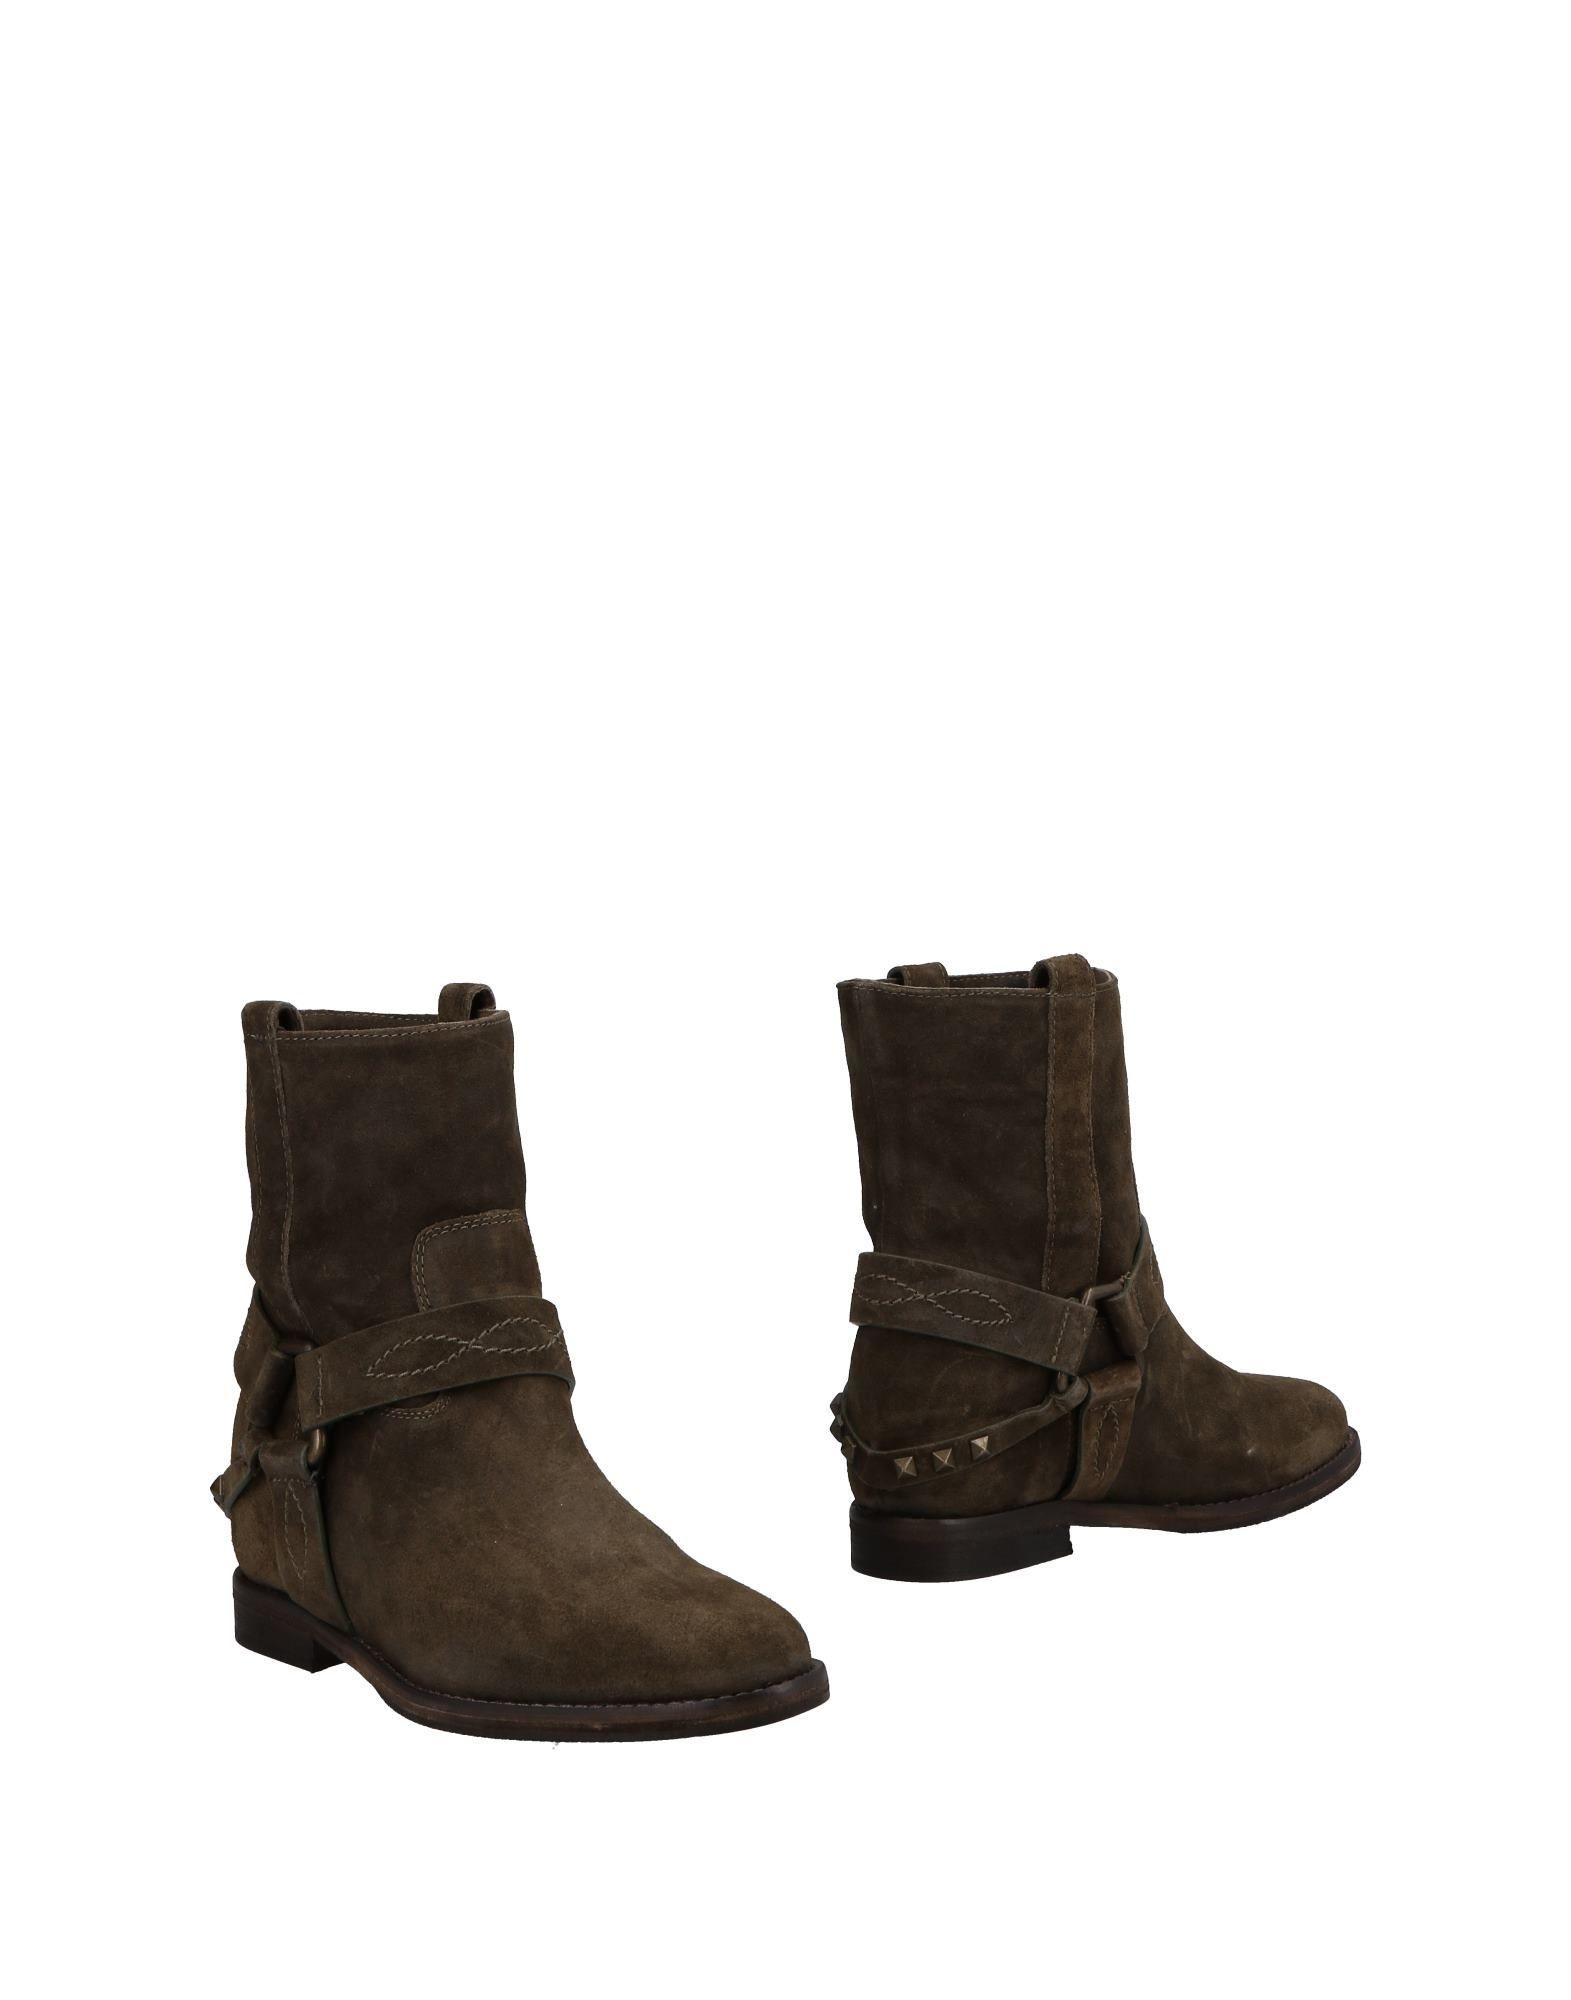 J|D Julie Dee Ankle Boot - Women Boots J|D Julie Dee Ankle Boots Women online on  United Kingdom - 11487983BC a105d4